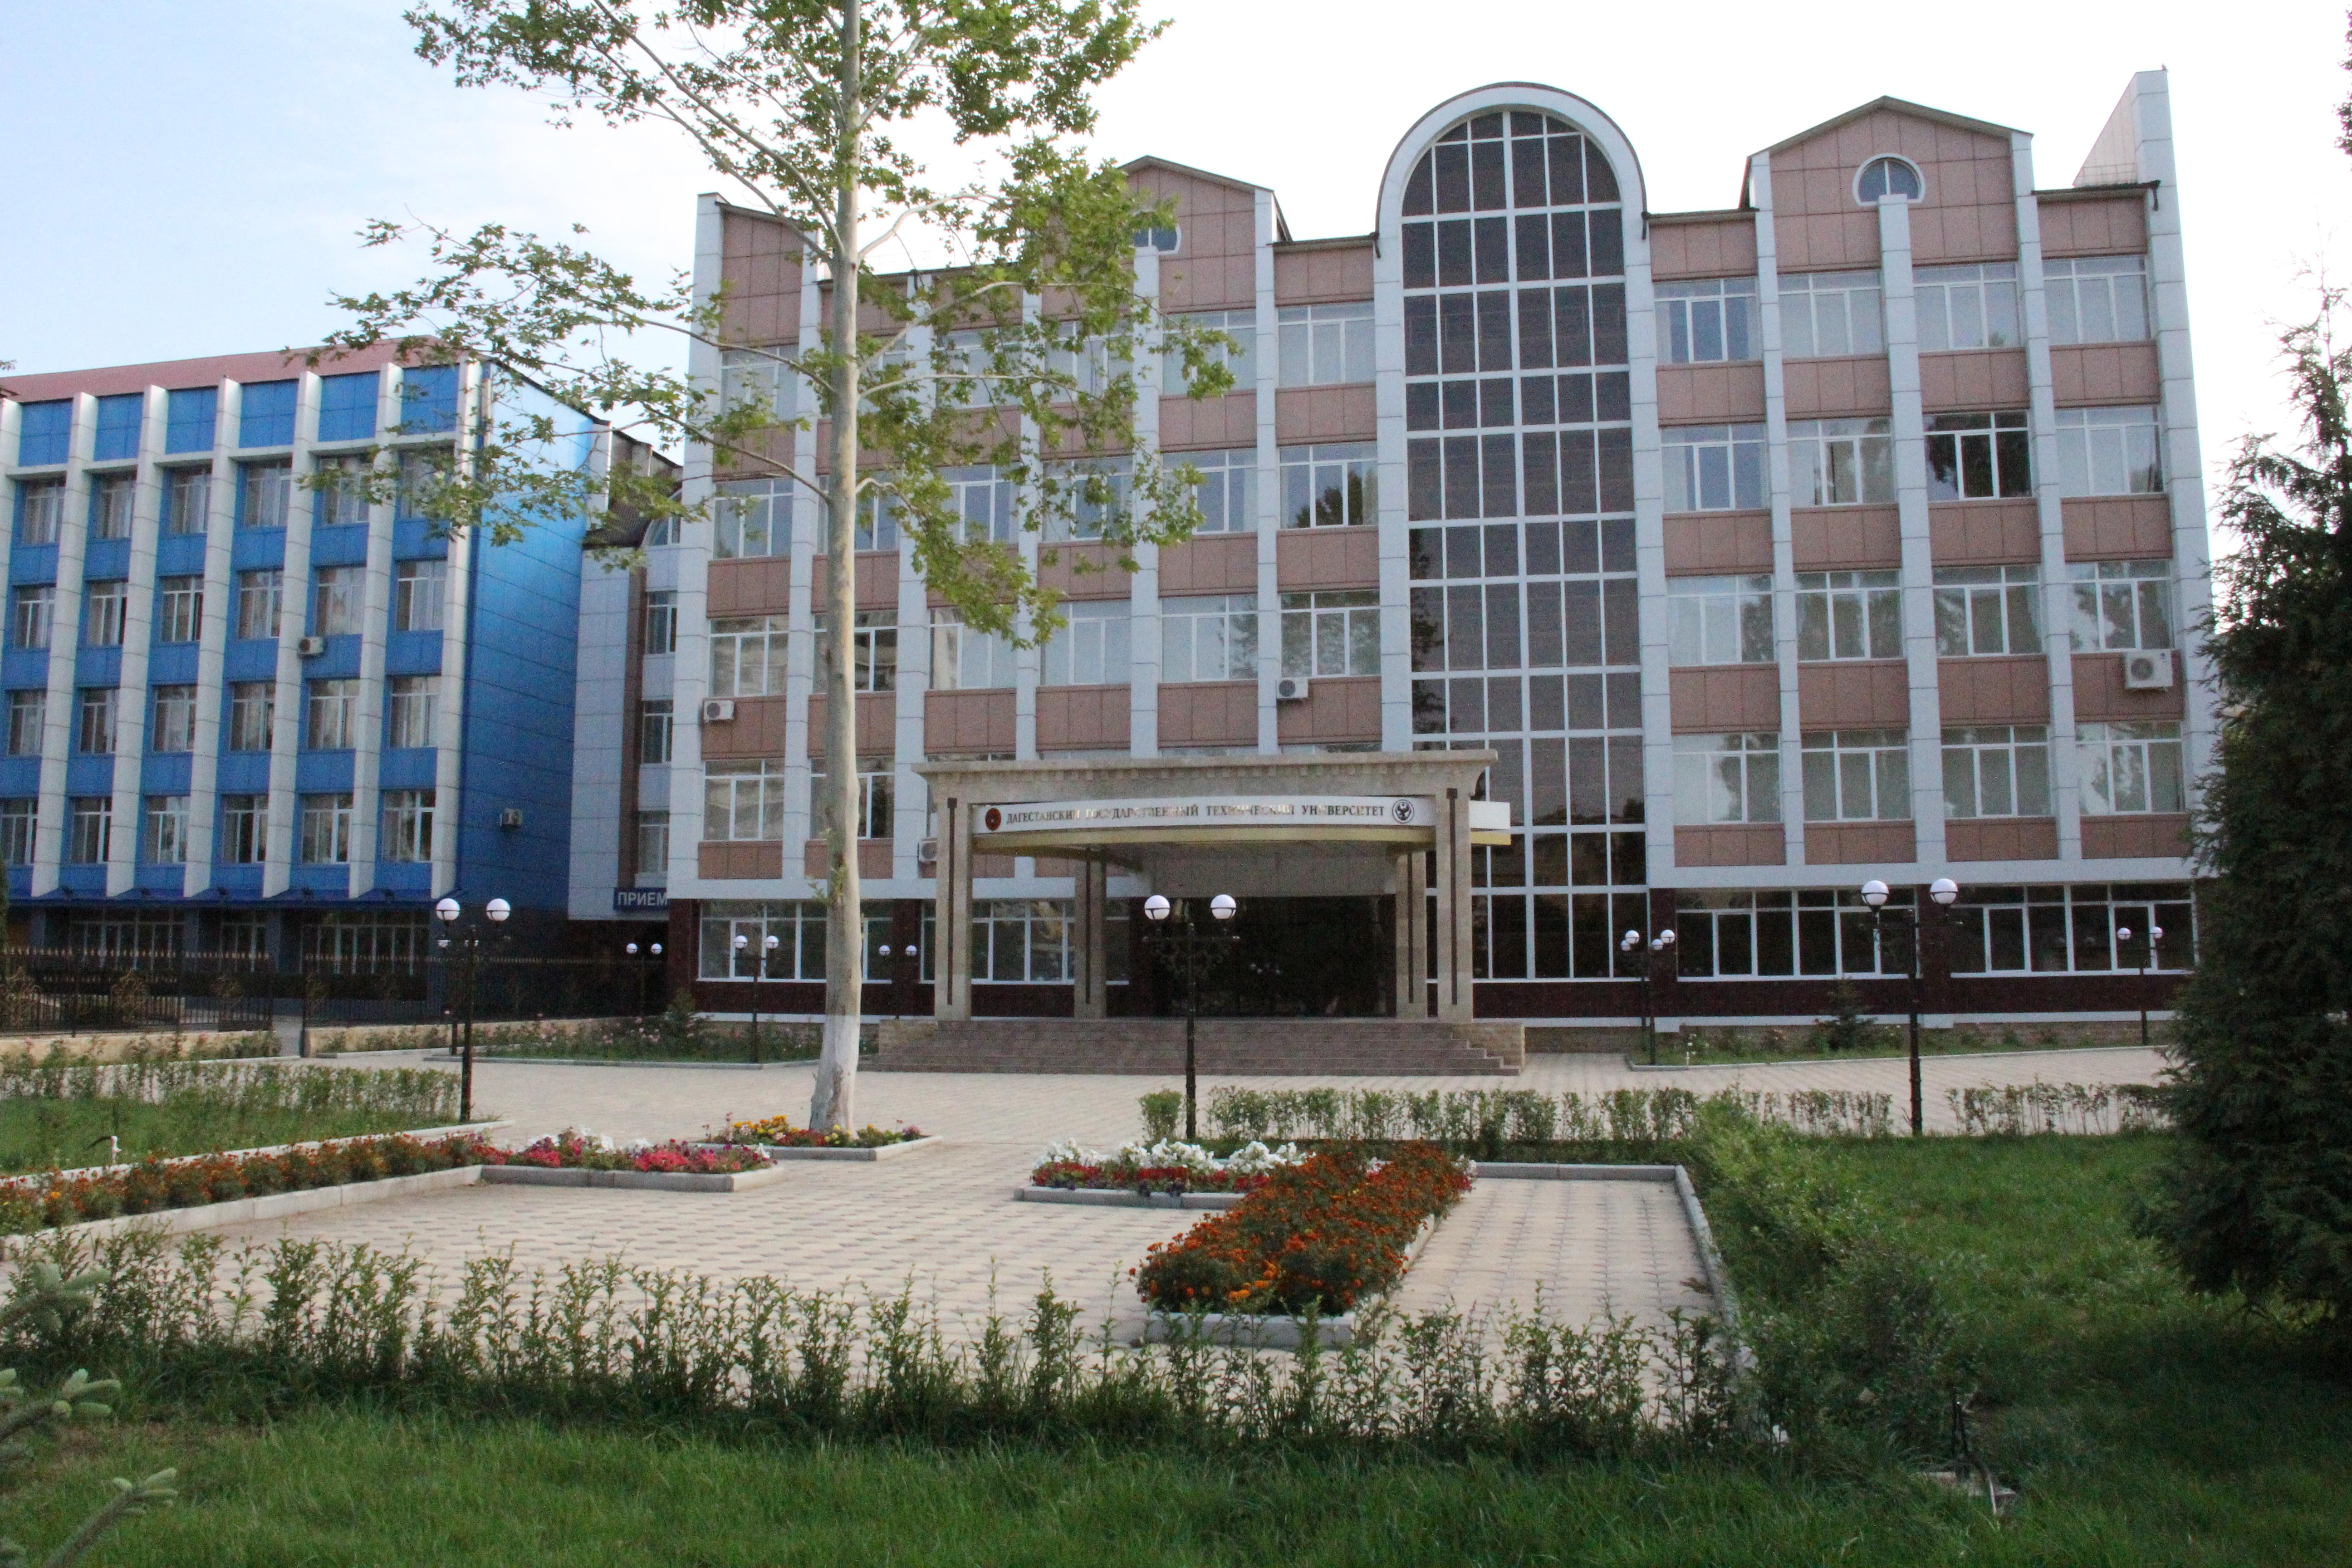 В Махачкале состоялось открытие нового корпуса ДГТУВ Махачкале состоялось открытие нового корпуса ДГТУ